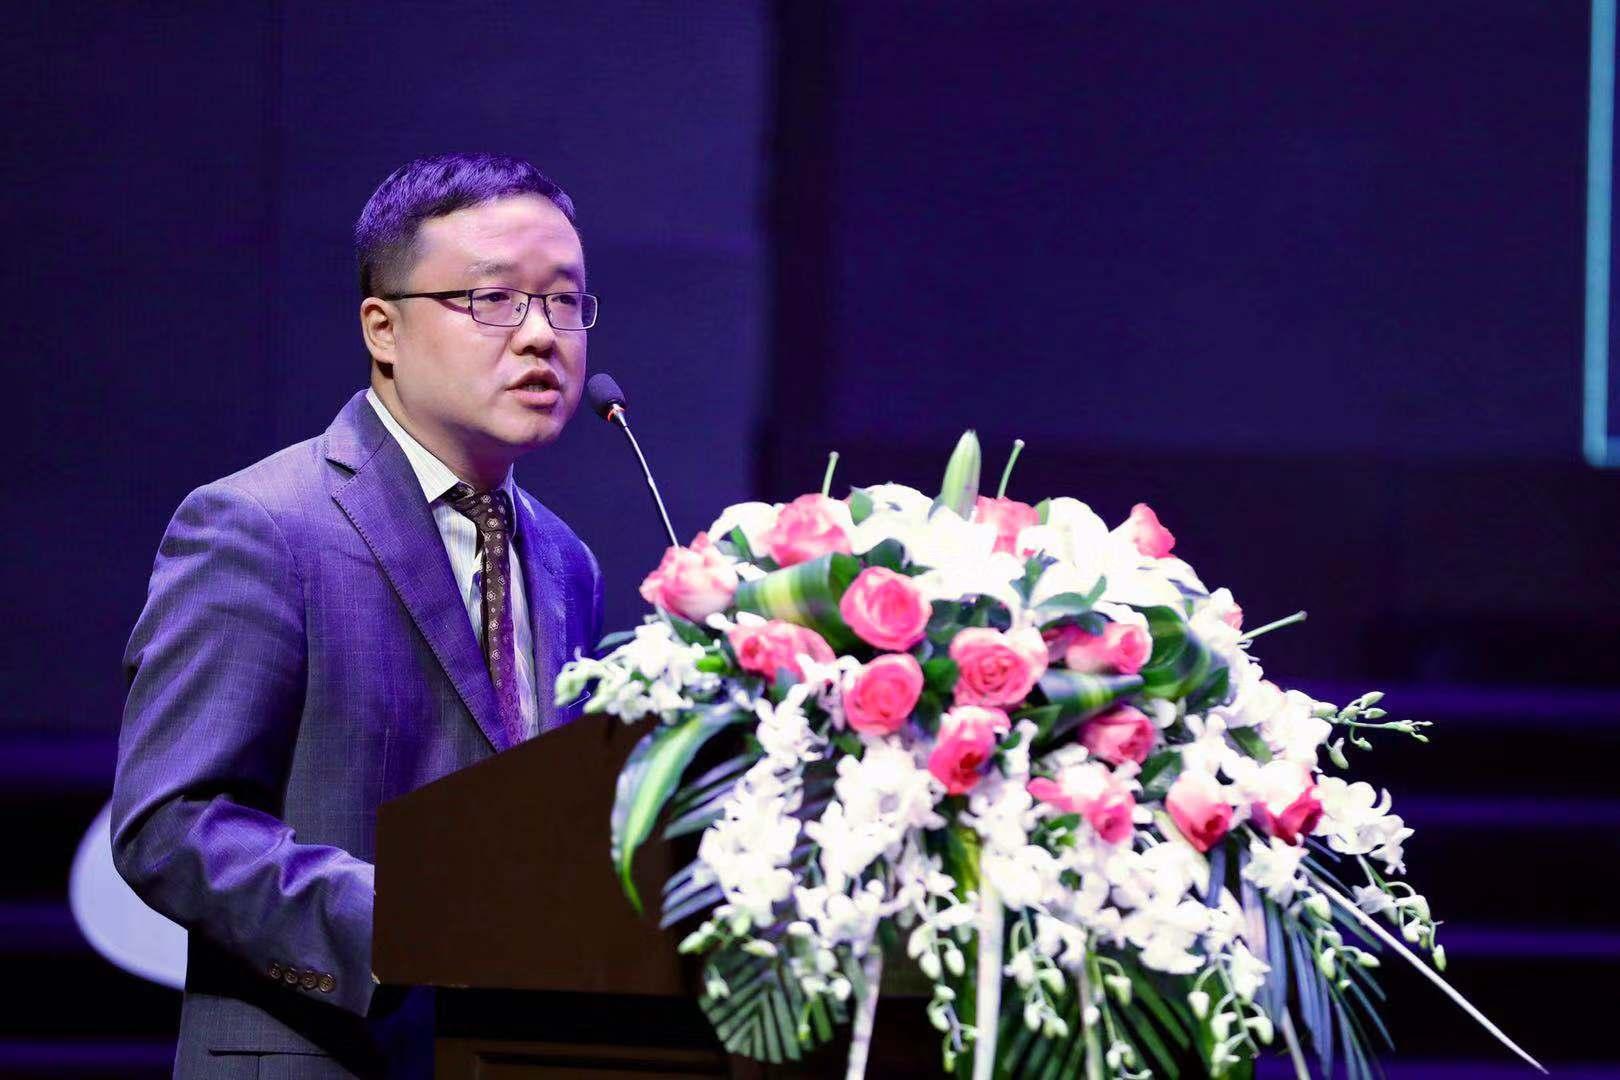 广发证券首席策略分析师戴康发表演讲